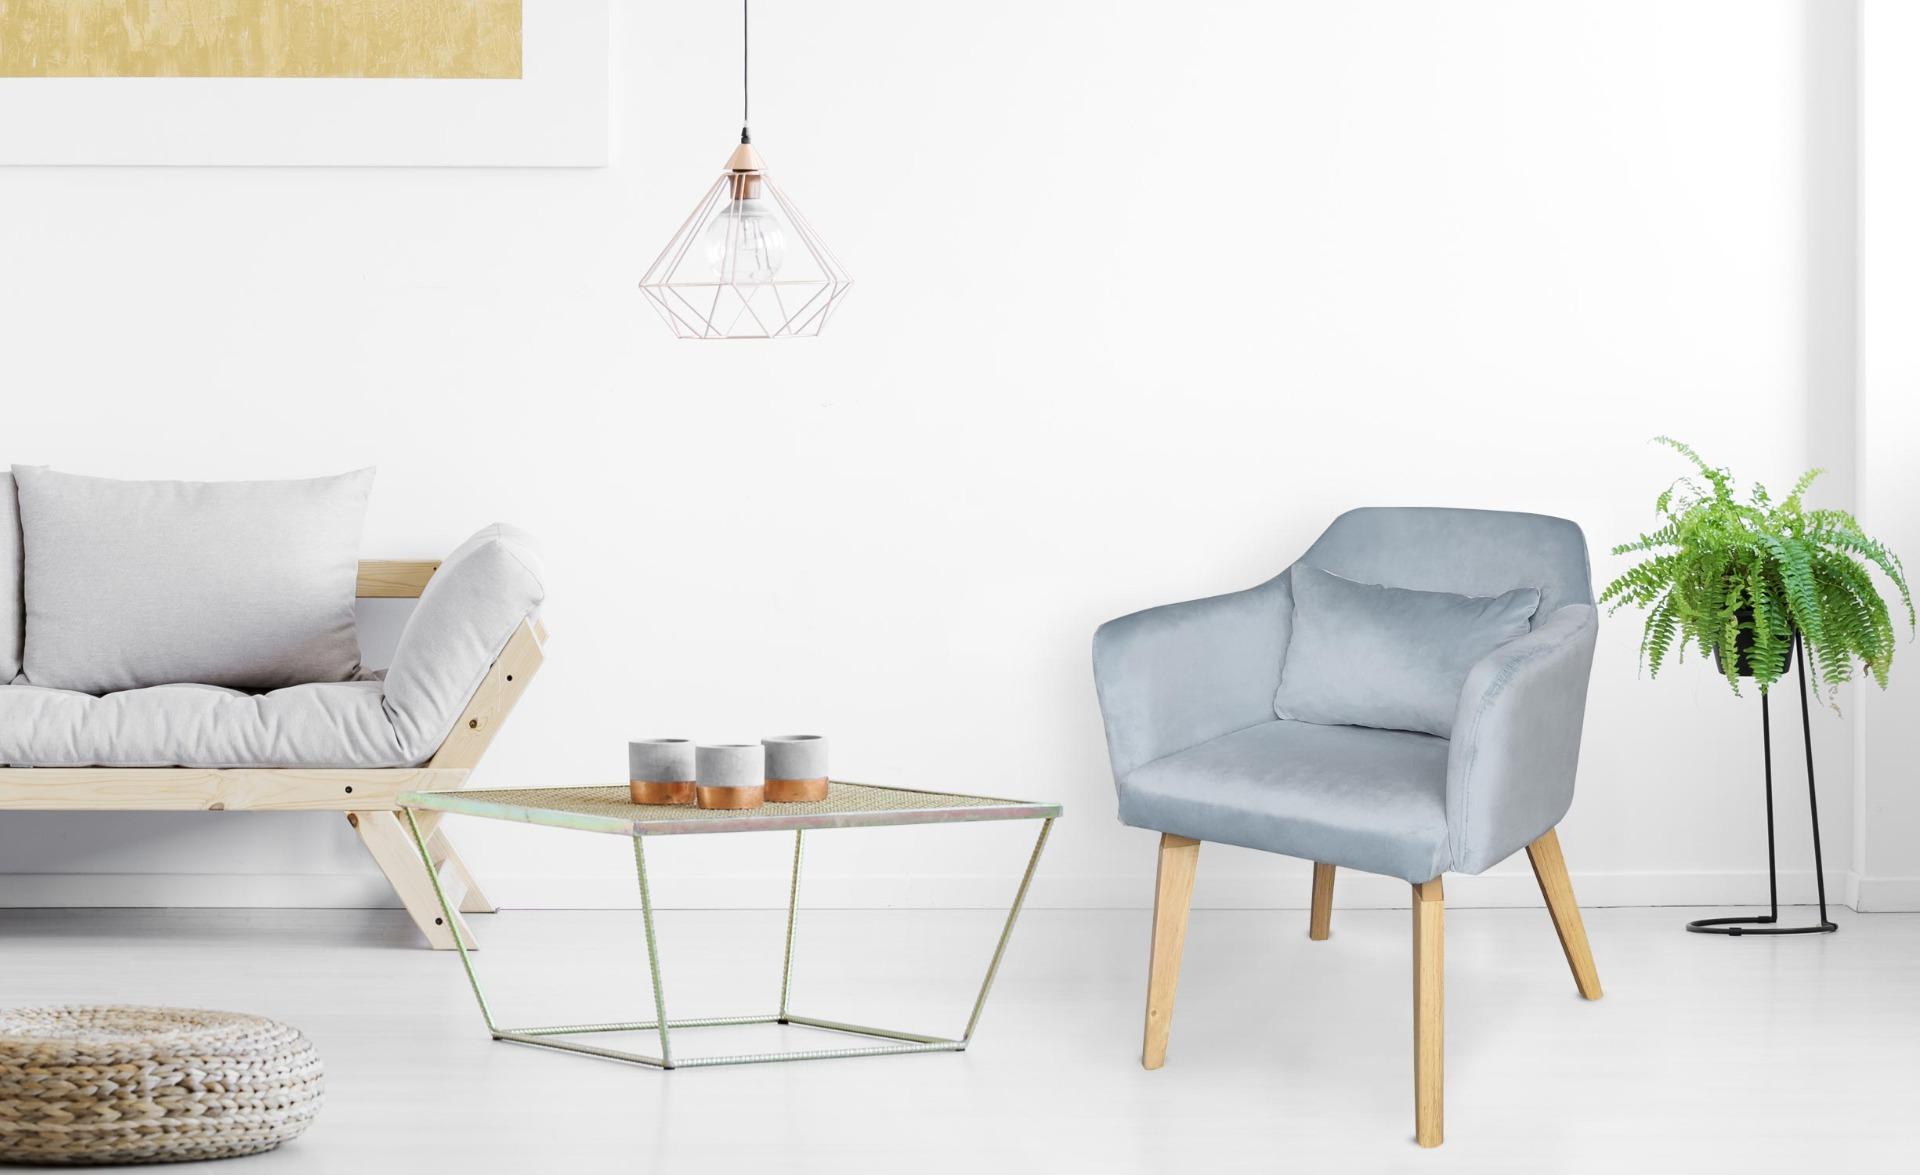 Lot de 2 chaises / fauteuils scandinaves Shaggy Velours Bleu ciel